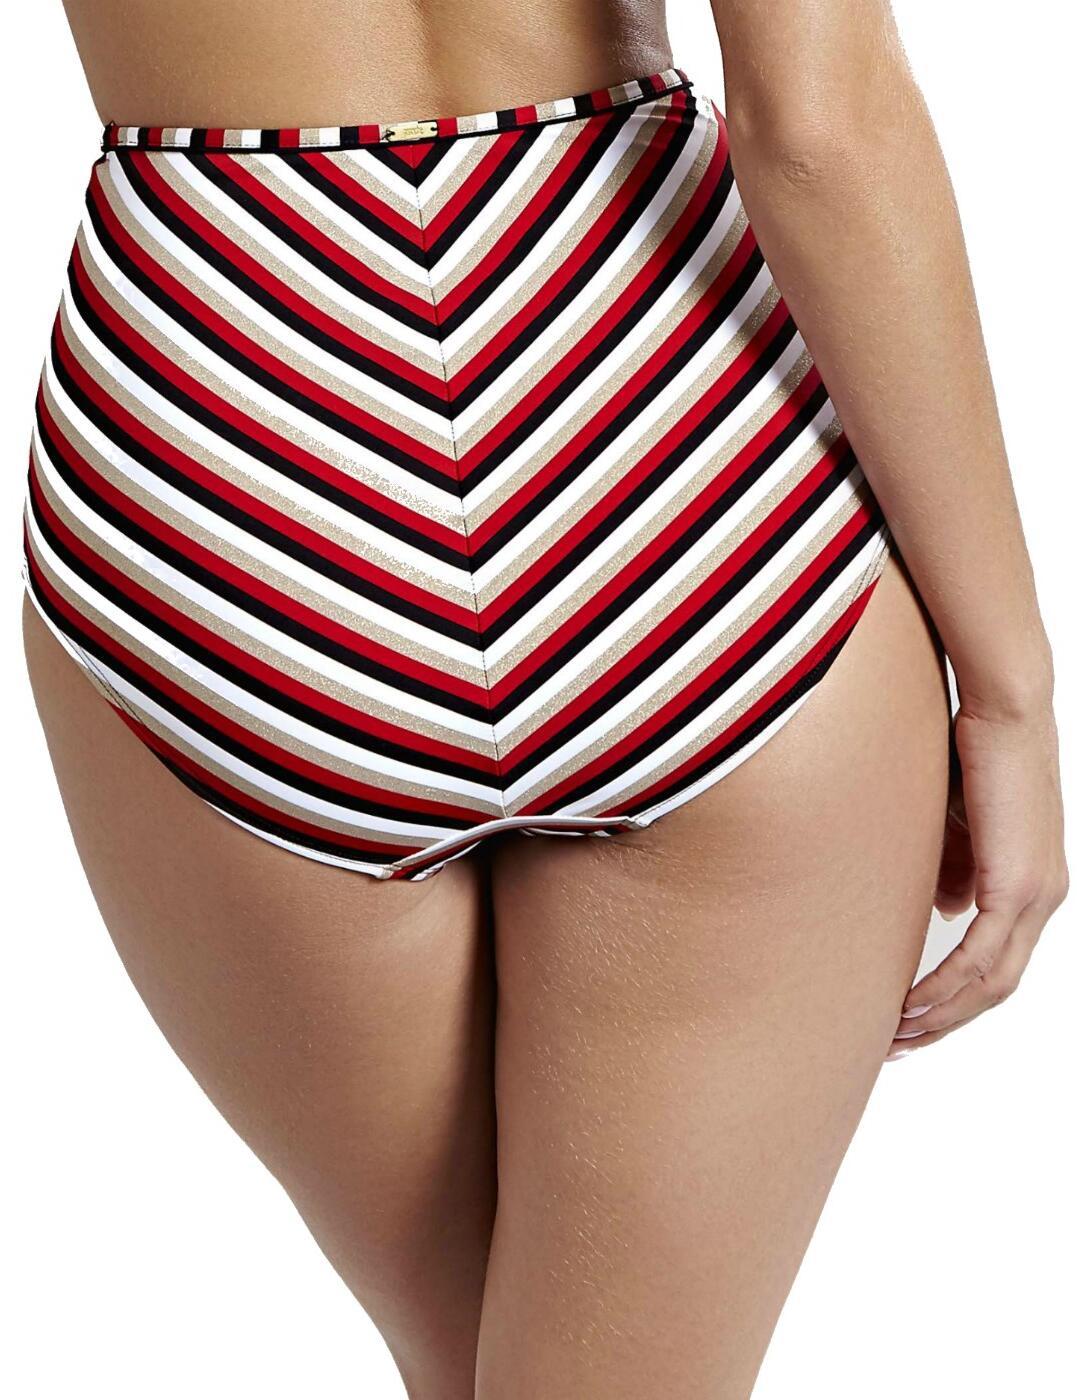 Panache Summer High Waist Bikini Brief Bottoms Swimwear SW1185 Swimwear